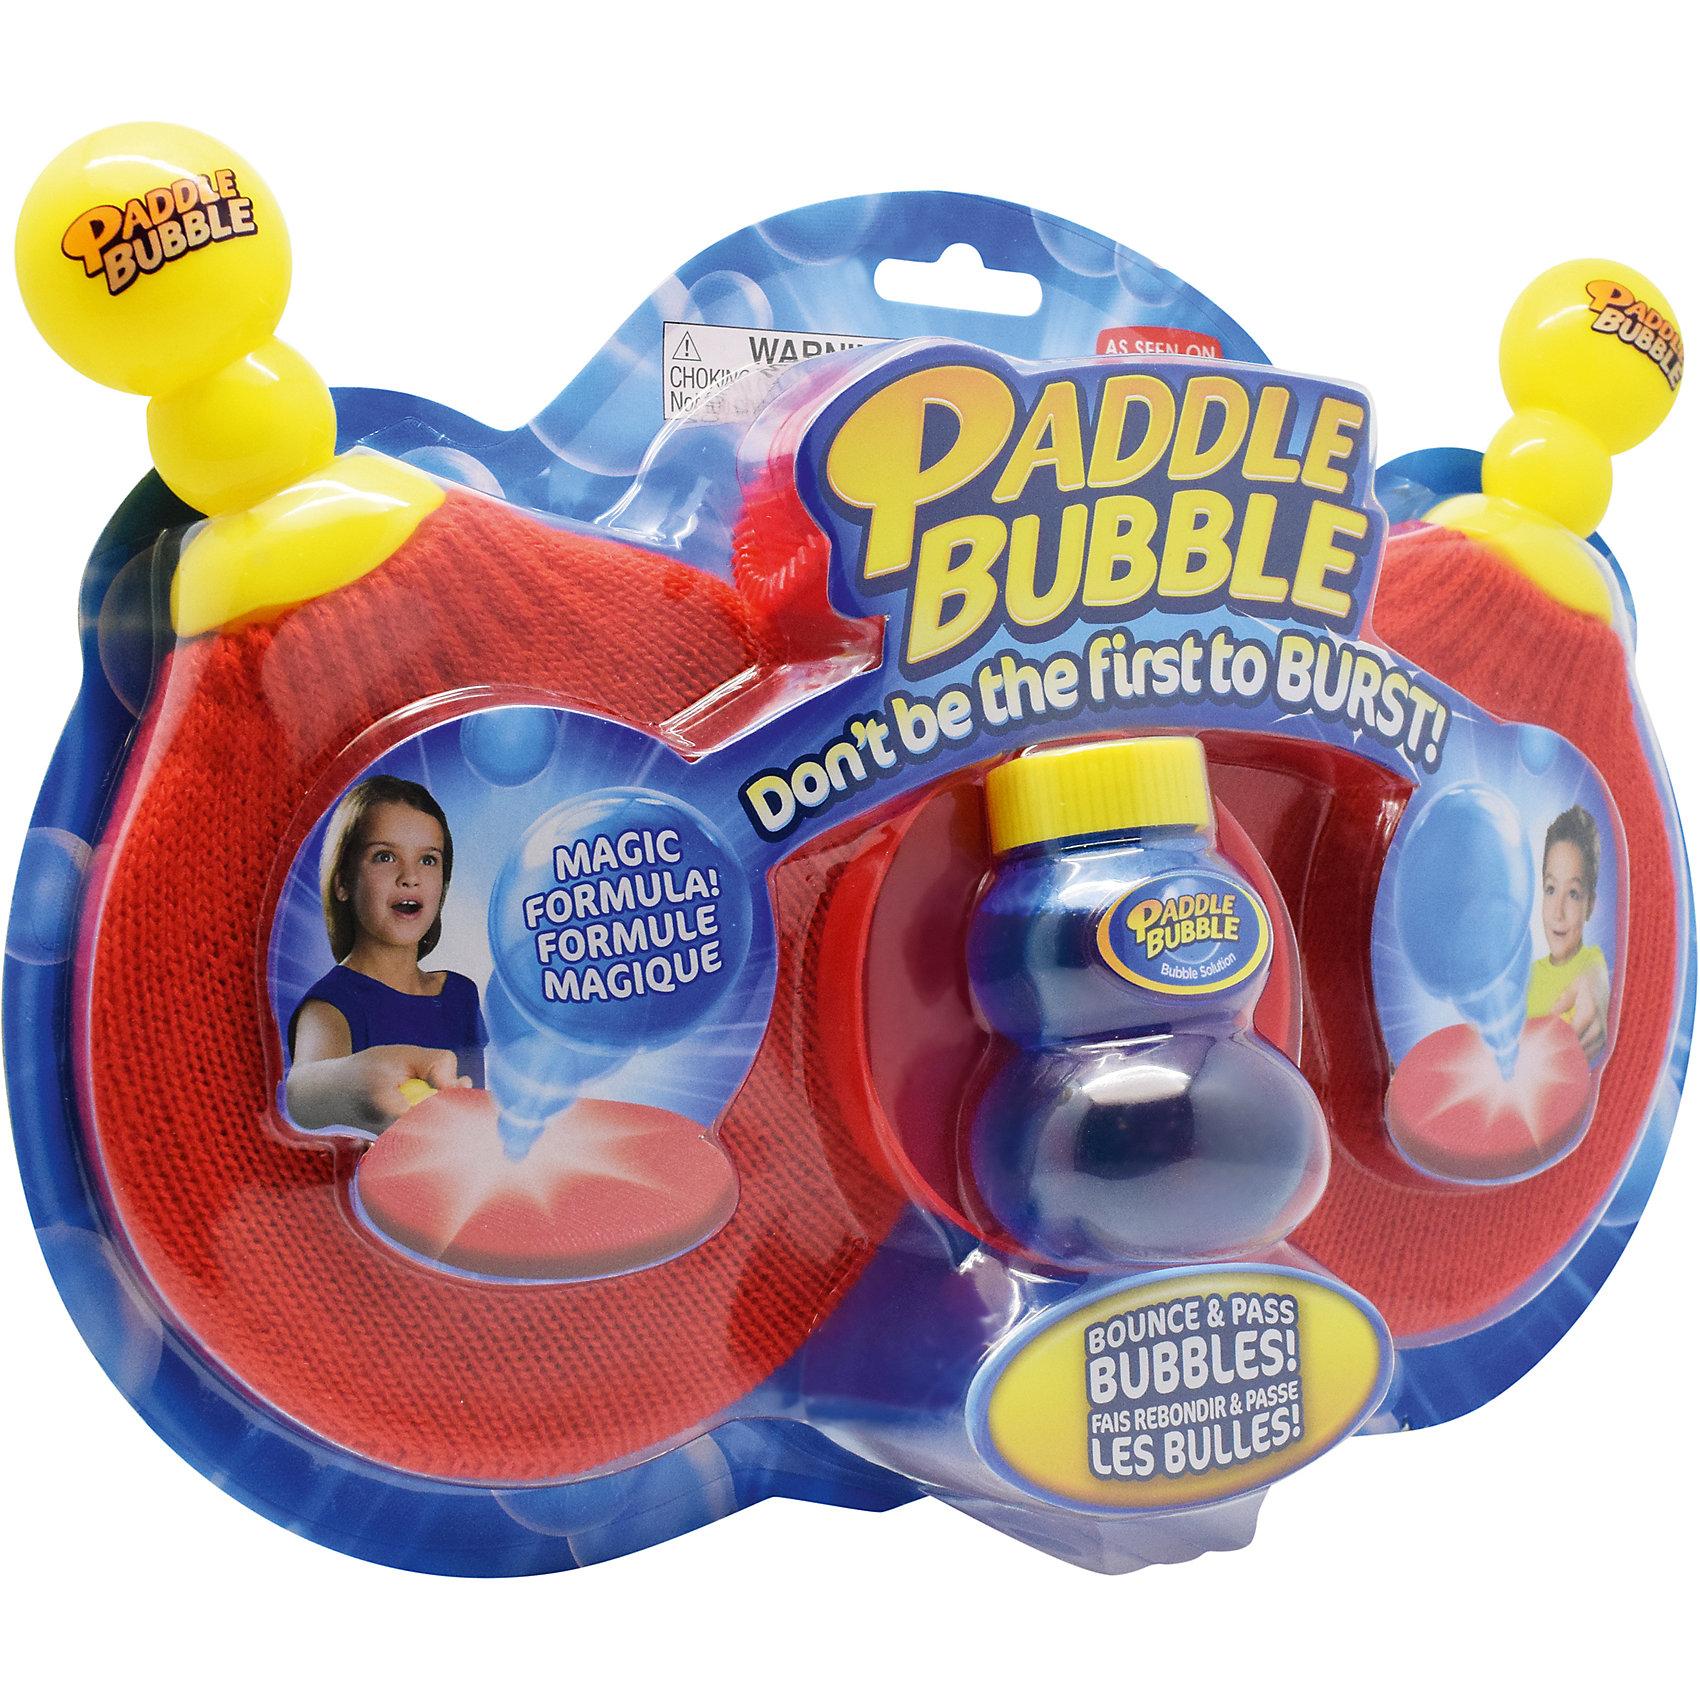 Мыльные пузыри 60 мл с набором ракеток, Paddle BubbleМыльные пузыри<br>Характеристики:<br><br>• Количество игроков: 2<br>• Материал: пластик, мыльный раствор<br>• Комплектация: 2 ракетки, лоток, трубочка для выдувания пузырей, бутылочка с раствором<br>• Размеры (Д*Ш*В): 30*20*7 см<br>• Вес: 321 г<br>• Упаковка: блистер на картонной подложке<br><br>Paddle Bubble Мыльные пузыри 60 мл с набором ракеток – это игровой набор, производителем которого является мировой бренд TPF Toys, выпускающий игры и игрушки с героями Disney. Набор состоит из двух ракеток, трубочки для выдувания пузырей, лотка и бутылочки с раствором. <br><br>Мыльный раствор имеет уникальный химический состав, который обеспечивает пузырям упругость и плотность, при этом не вызывает аллергии и раздражения при попадании на кожу. У ракеток предусмотрено специальное покрытие, при соприкосновении с которым пузыри не лопаются. Набор предназначен для подвижных игр как дома, так и на улице. <br><br>Paddle Bubble Мыльные пузыри 60 мл с набором ракеток можно купить в нашем интернет-магазине.<br><br>Ширина мм: 300<br>Глубина мм: 200<br>Высота мм: 70<br>Вес г: 321<br>Возраст от месяцев: 48<br>Возраст до месяцев: 2147483647<br>Пол: Унисекс<br>Возраст: Детский<br>SKU: 5487513